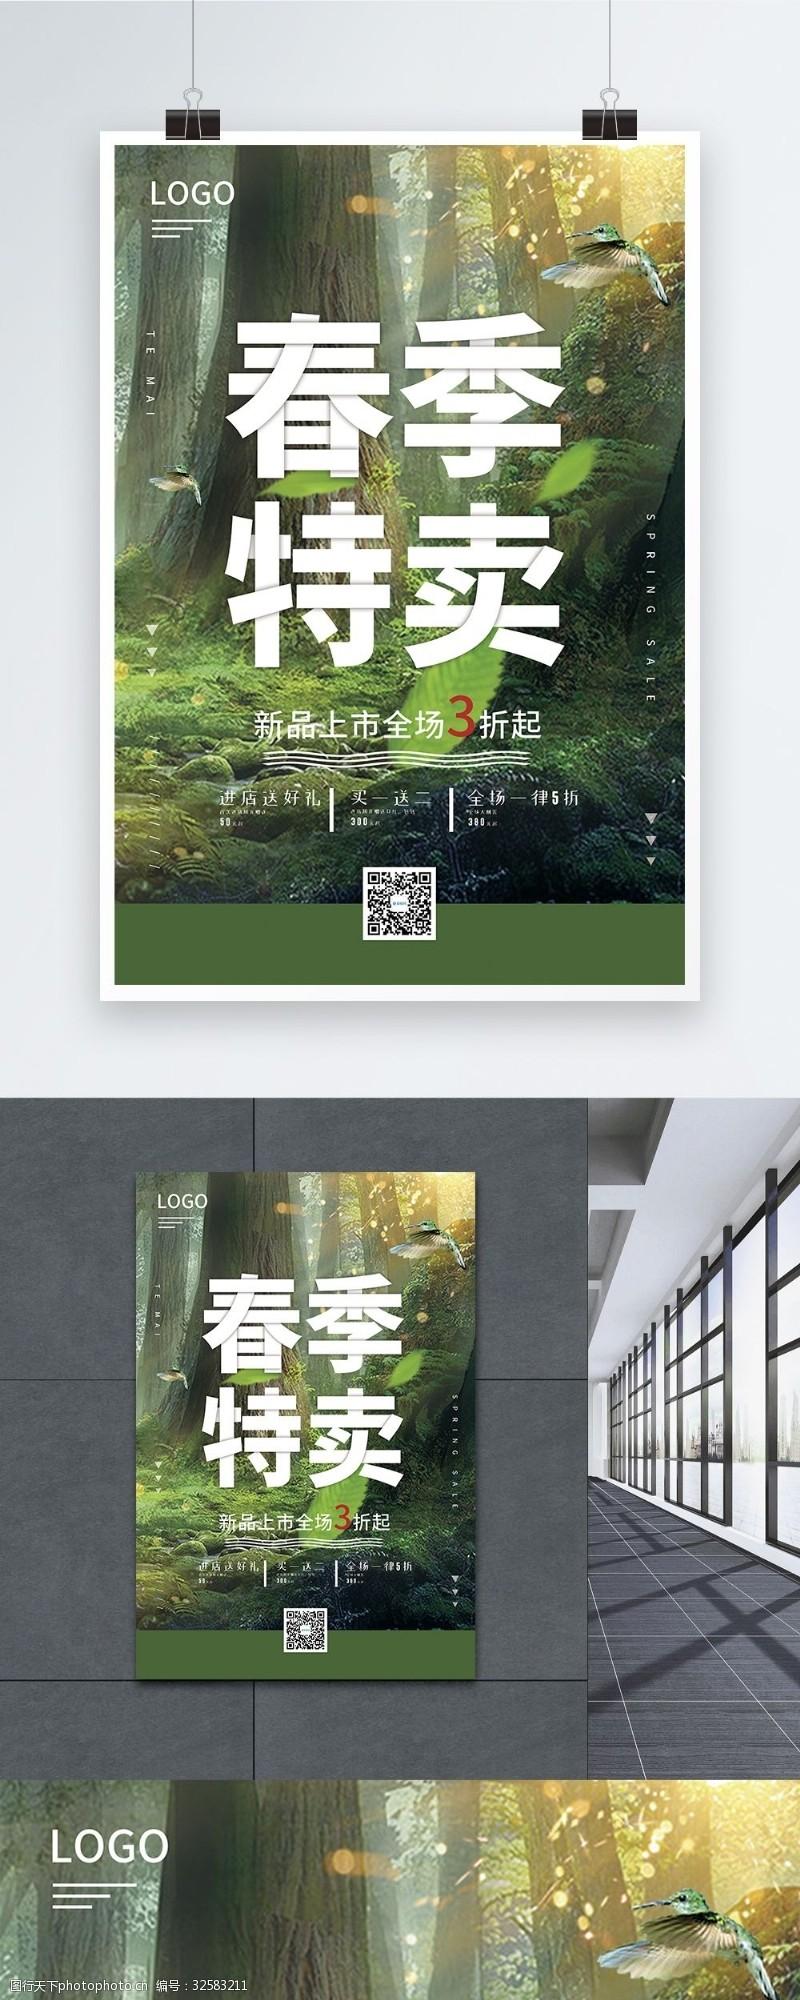 绿色清新春季特卖促销海报